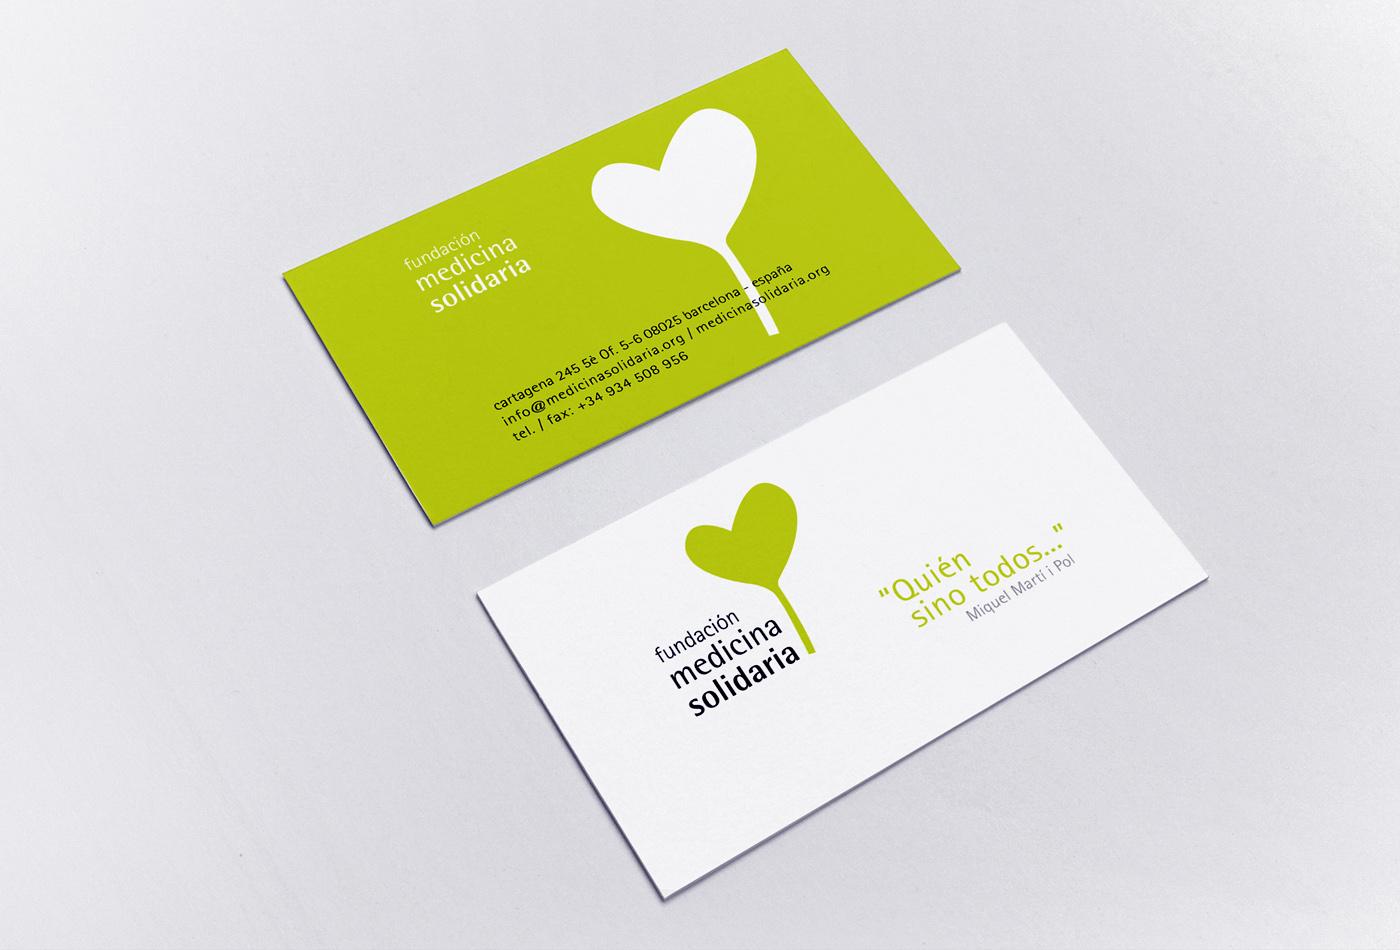 tarjetas-fundacio-medicina-solidaria